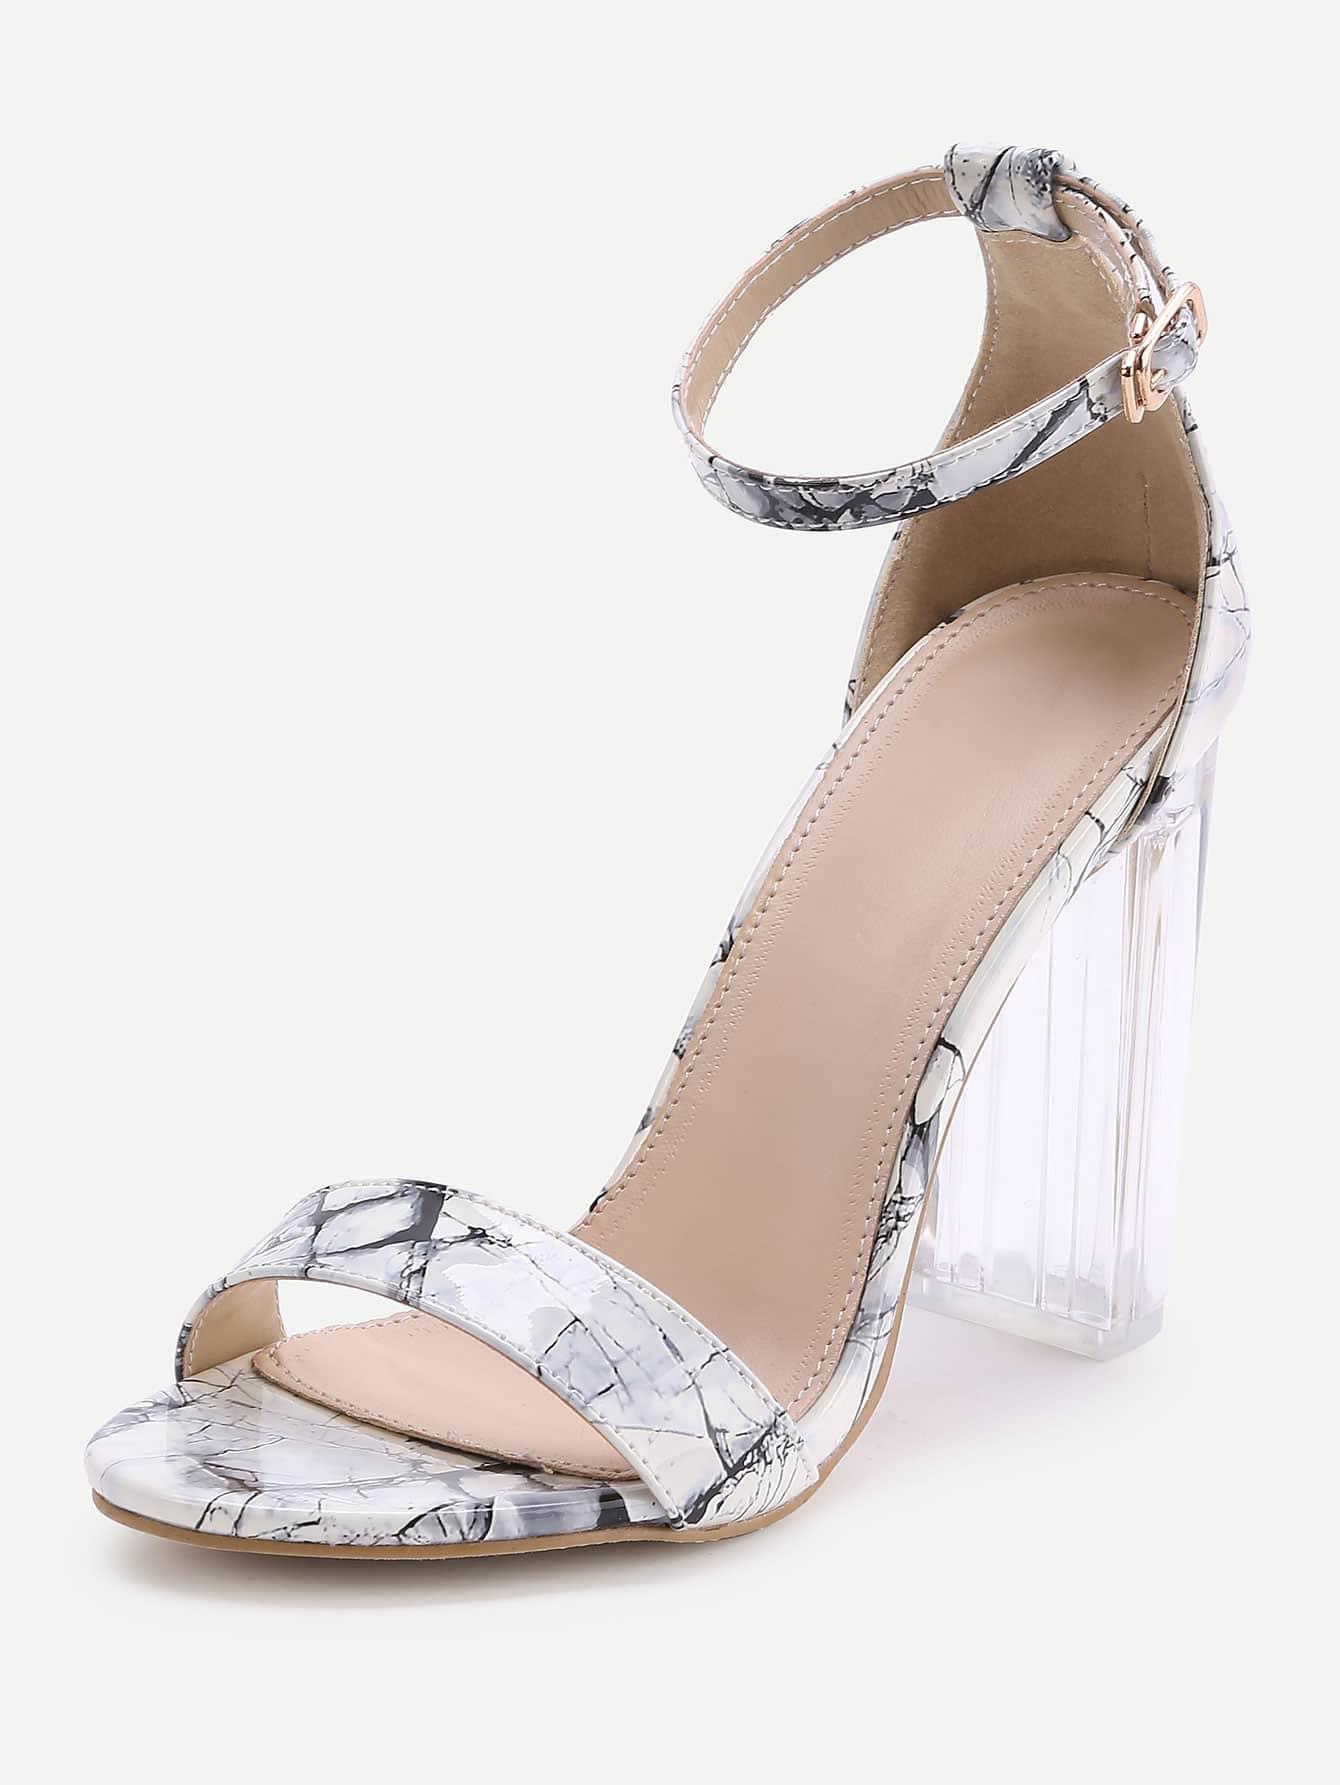 shoes170324804_2